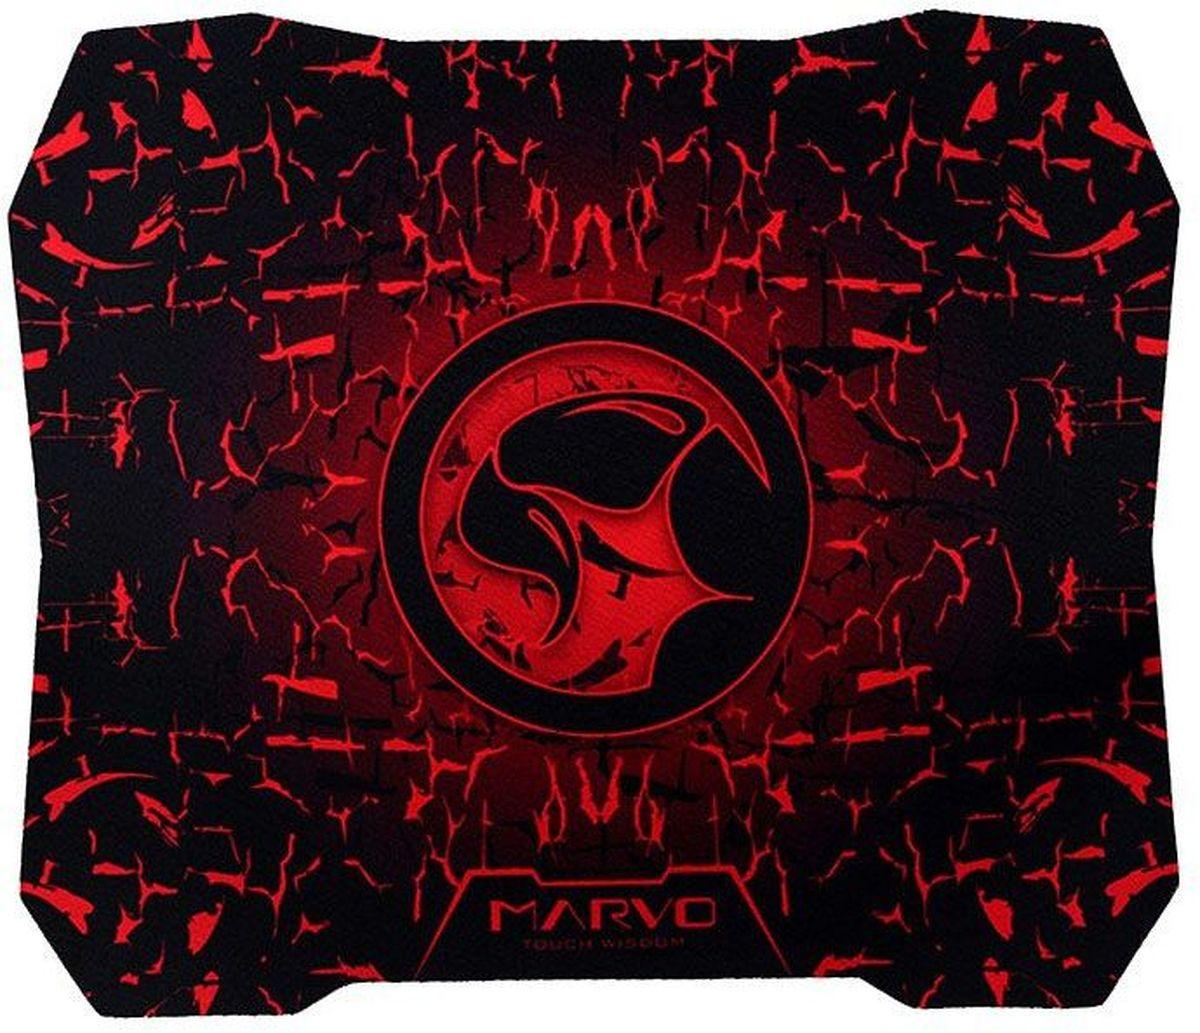 Marvo G1, Black Red игровой коврик для мышиG1